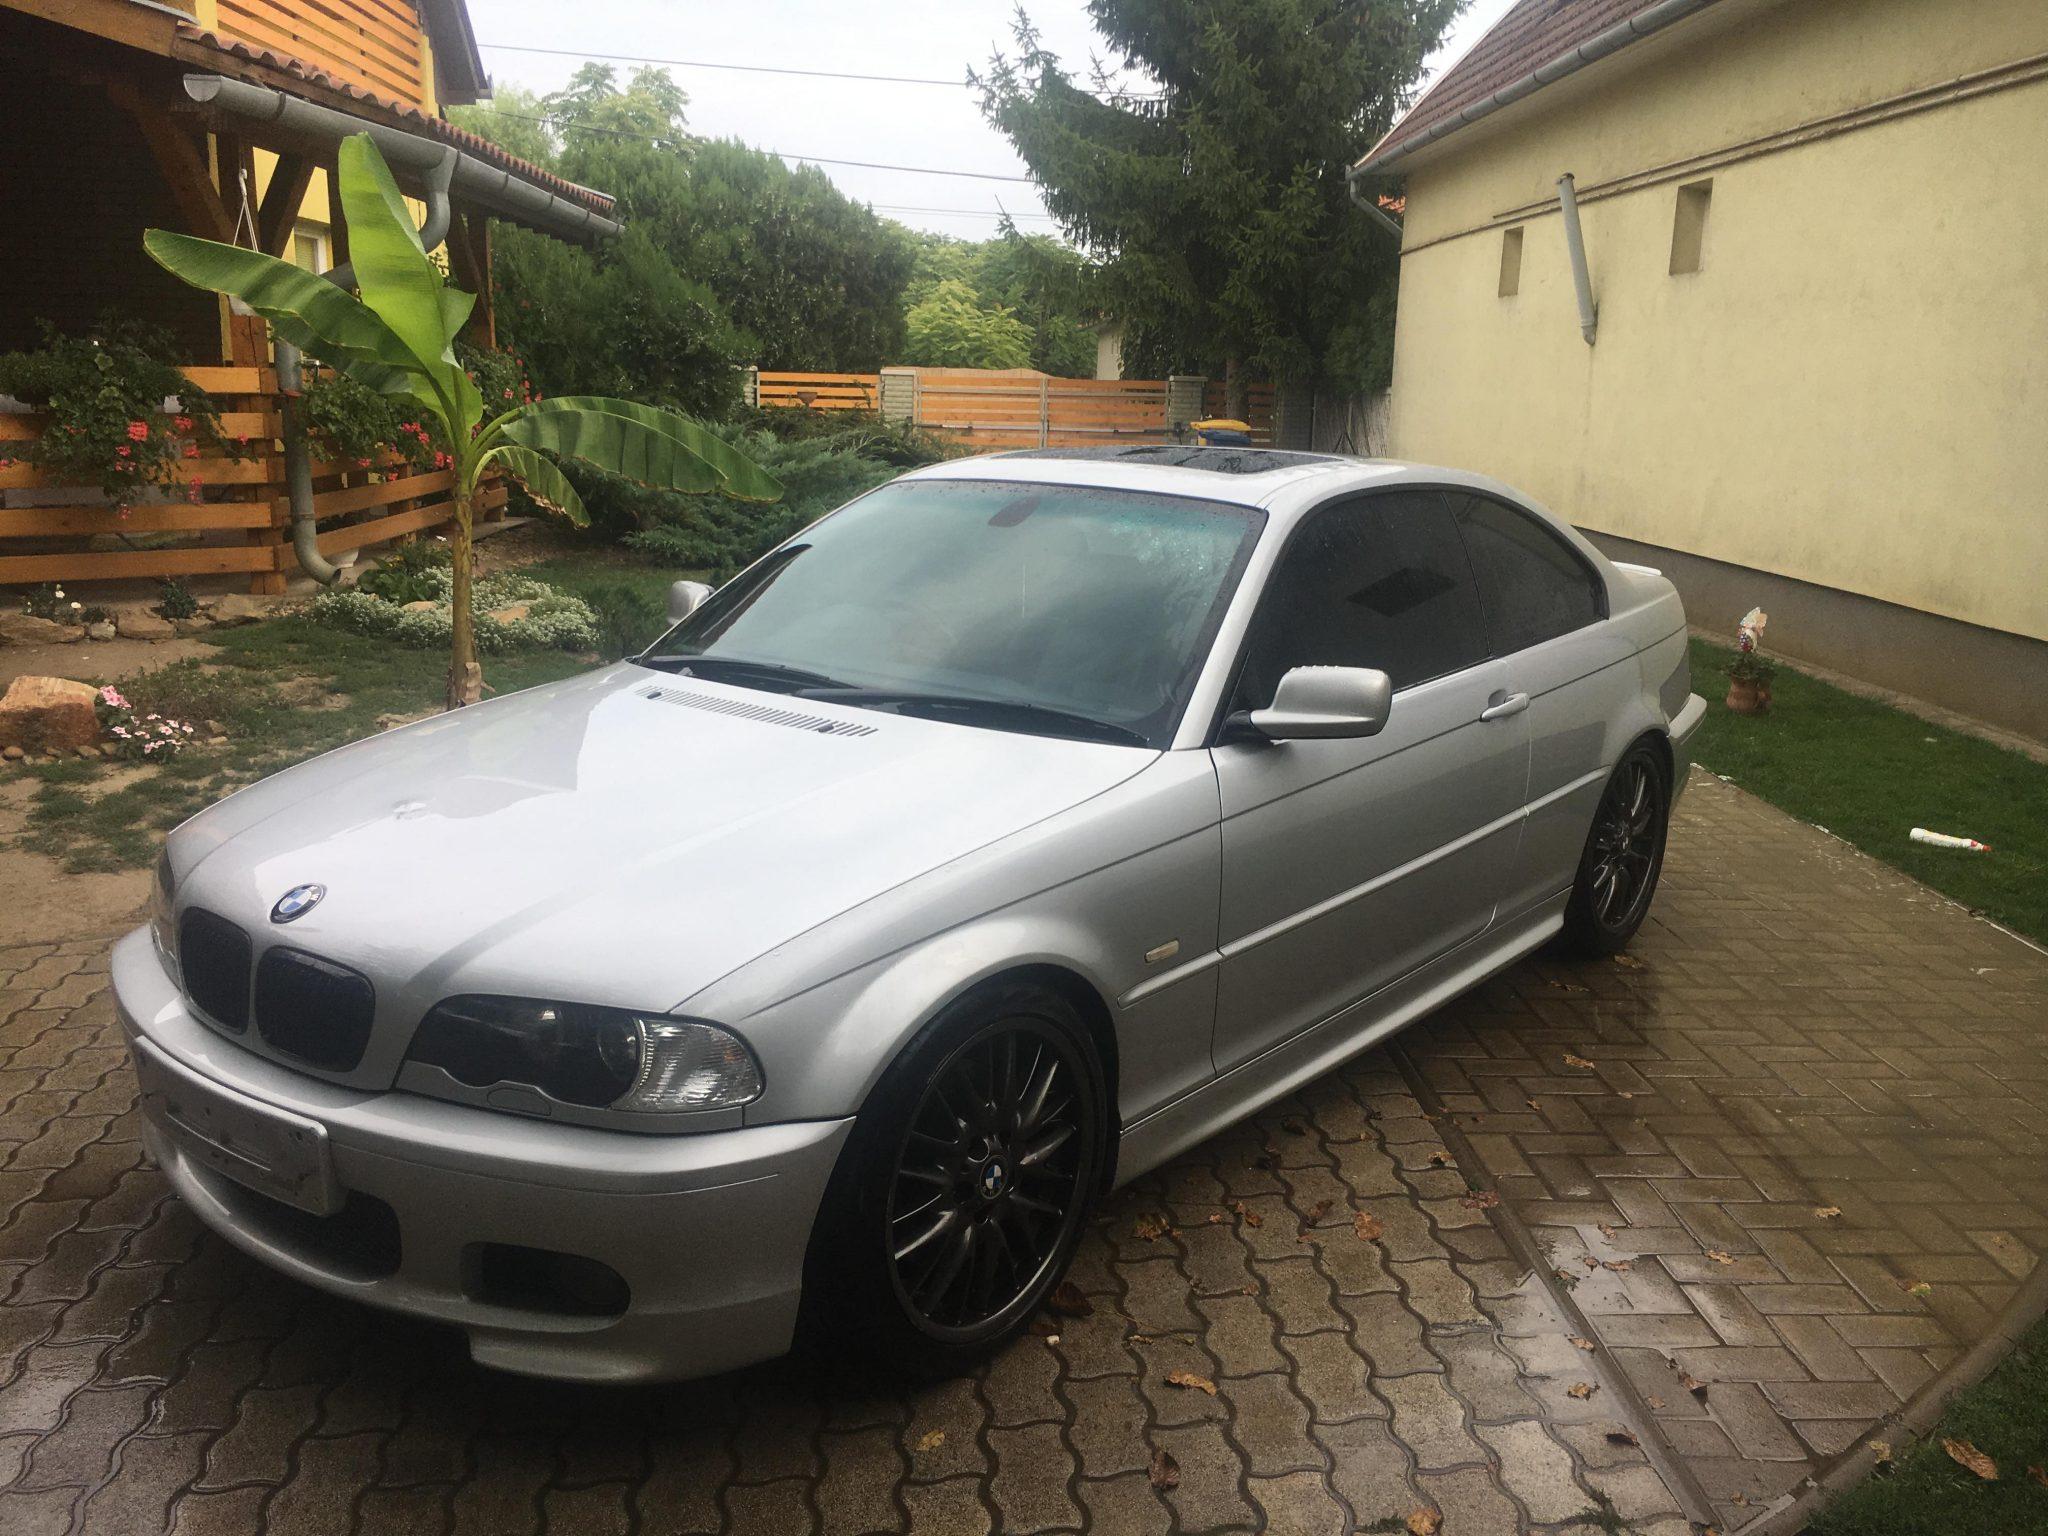 BMW E46 330ci alkatrészek Carbon Car Center Kft Békéscsaba 2